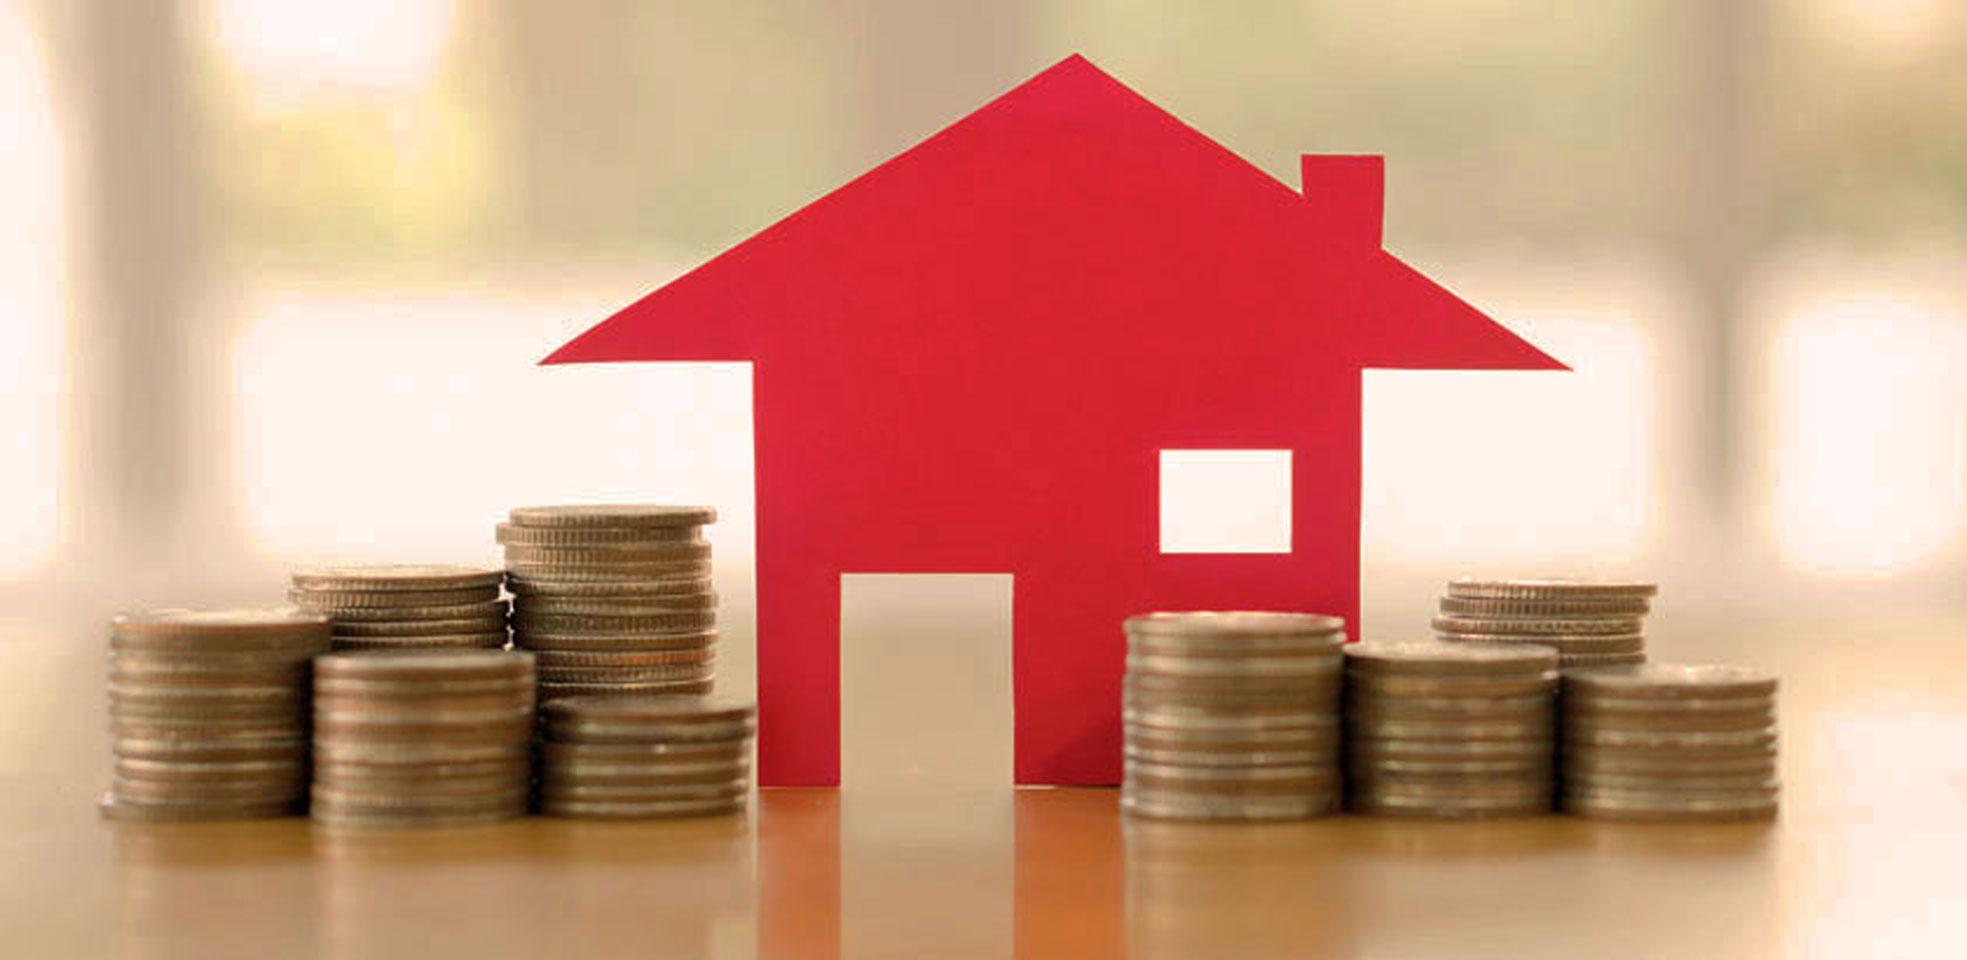 Explication assurance : quelles sont les principales catégories d'assurances ?